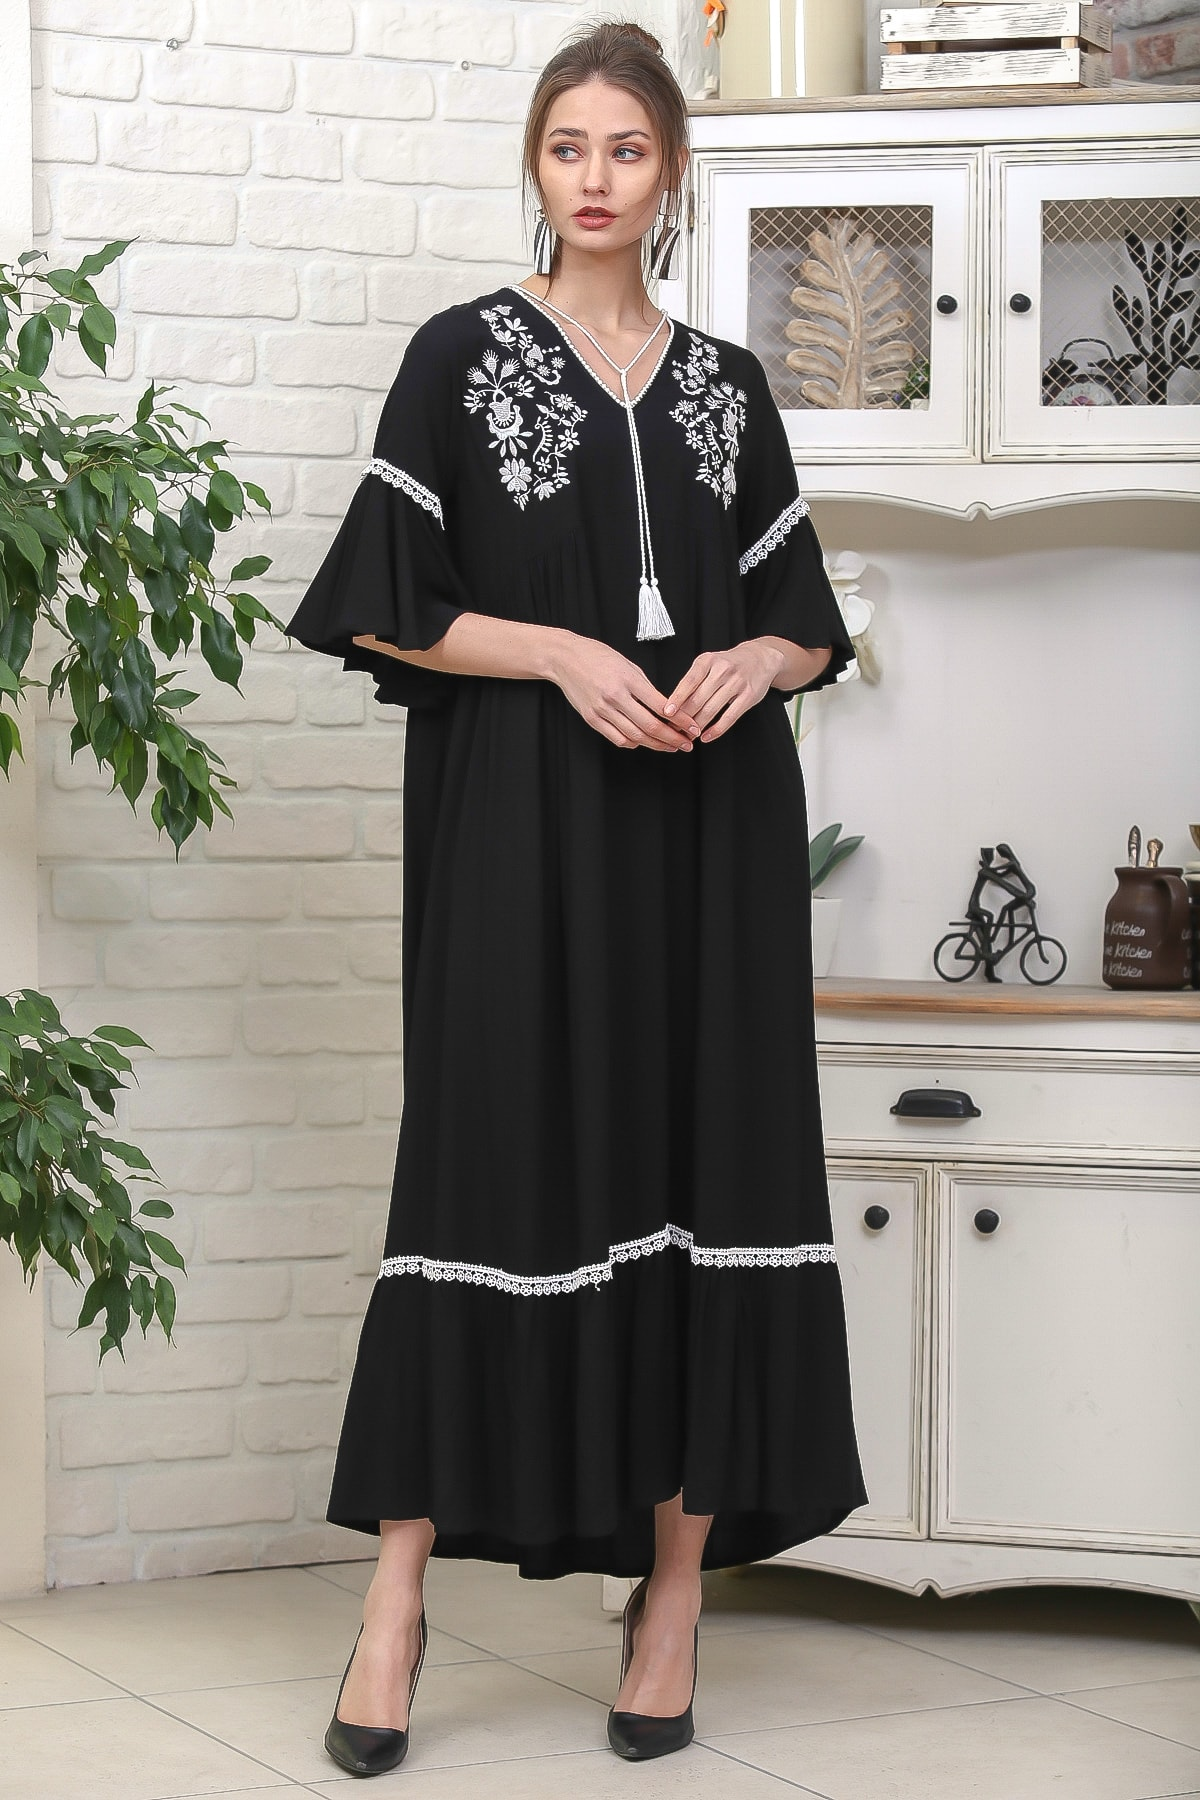 Chiccy Kadın Siyah Çiçek Nakışlı V Yaka Kol Ve Etek Ucu Dantelli Dokuma Salaş Elbise M10160000EL95902